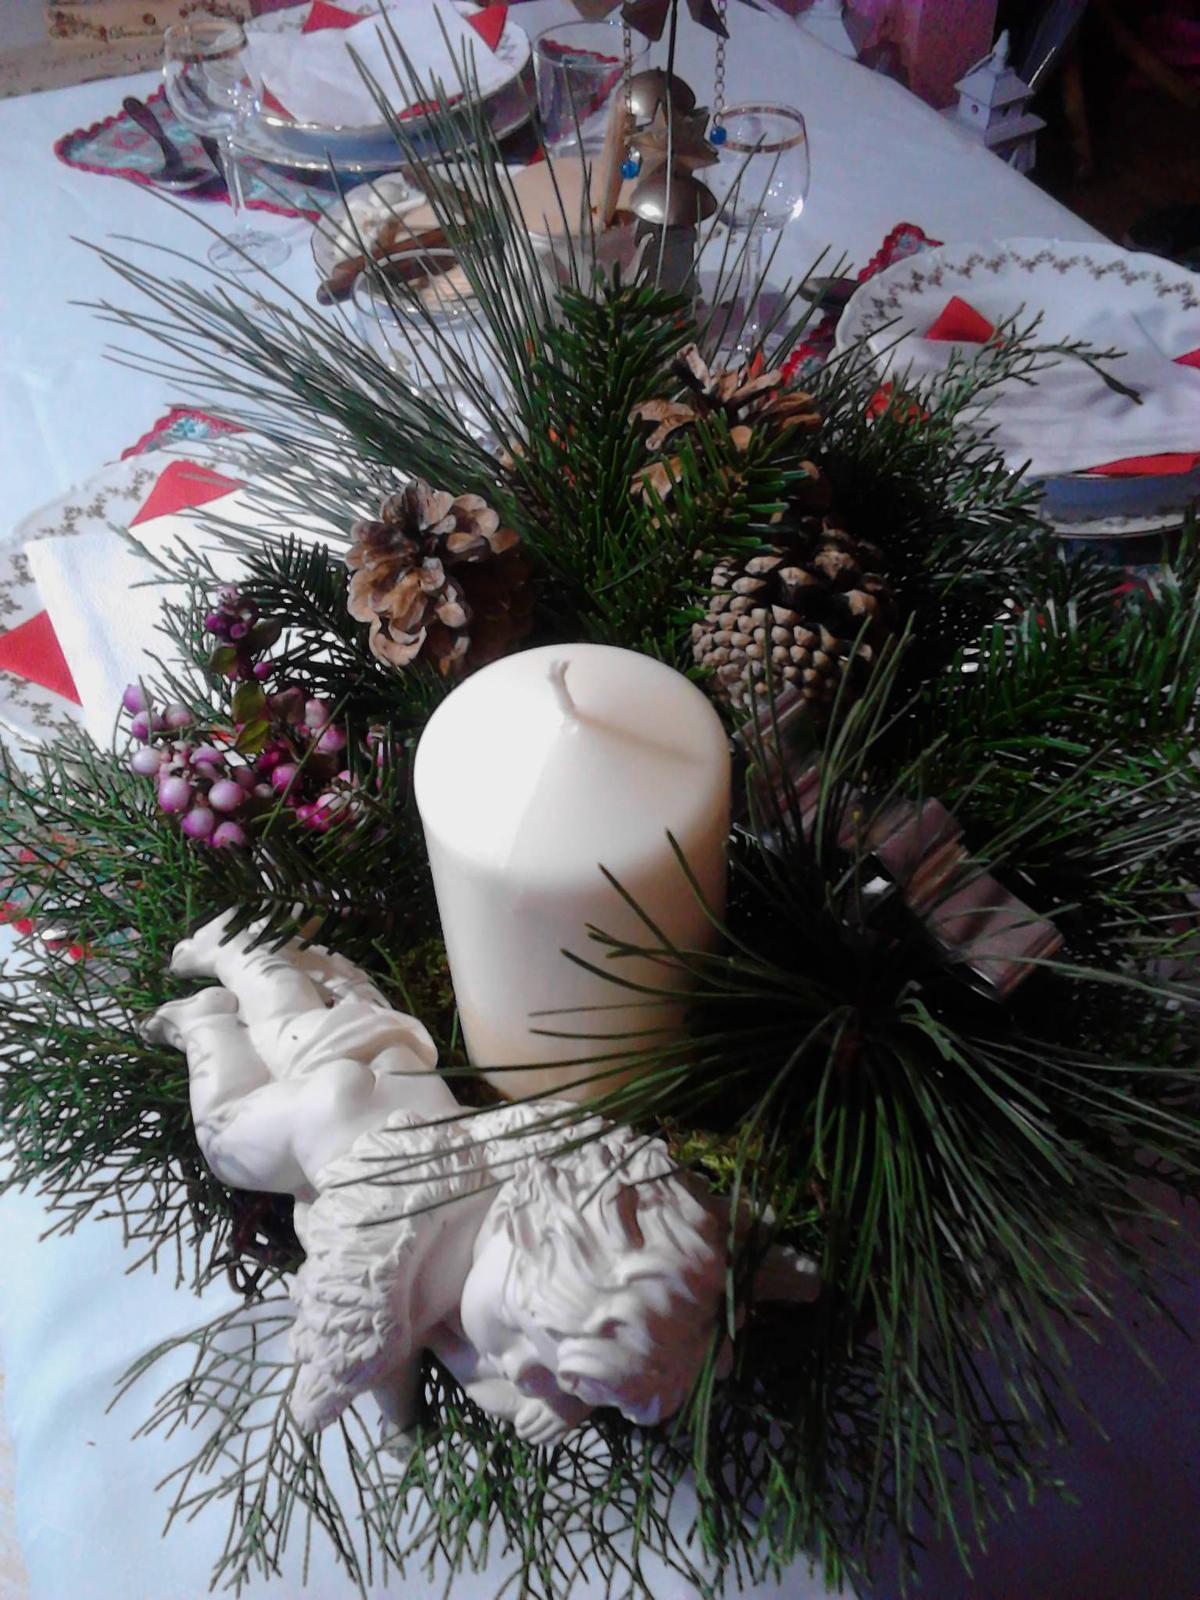 Krásny Štedrý večer prajem všetkým modrostrecháčom :) Véééĺa darčekov pod stromčekom :) - Štedrovečerný svietnik...